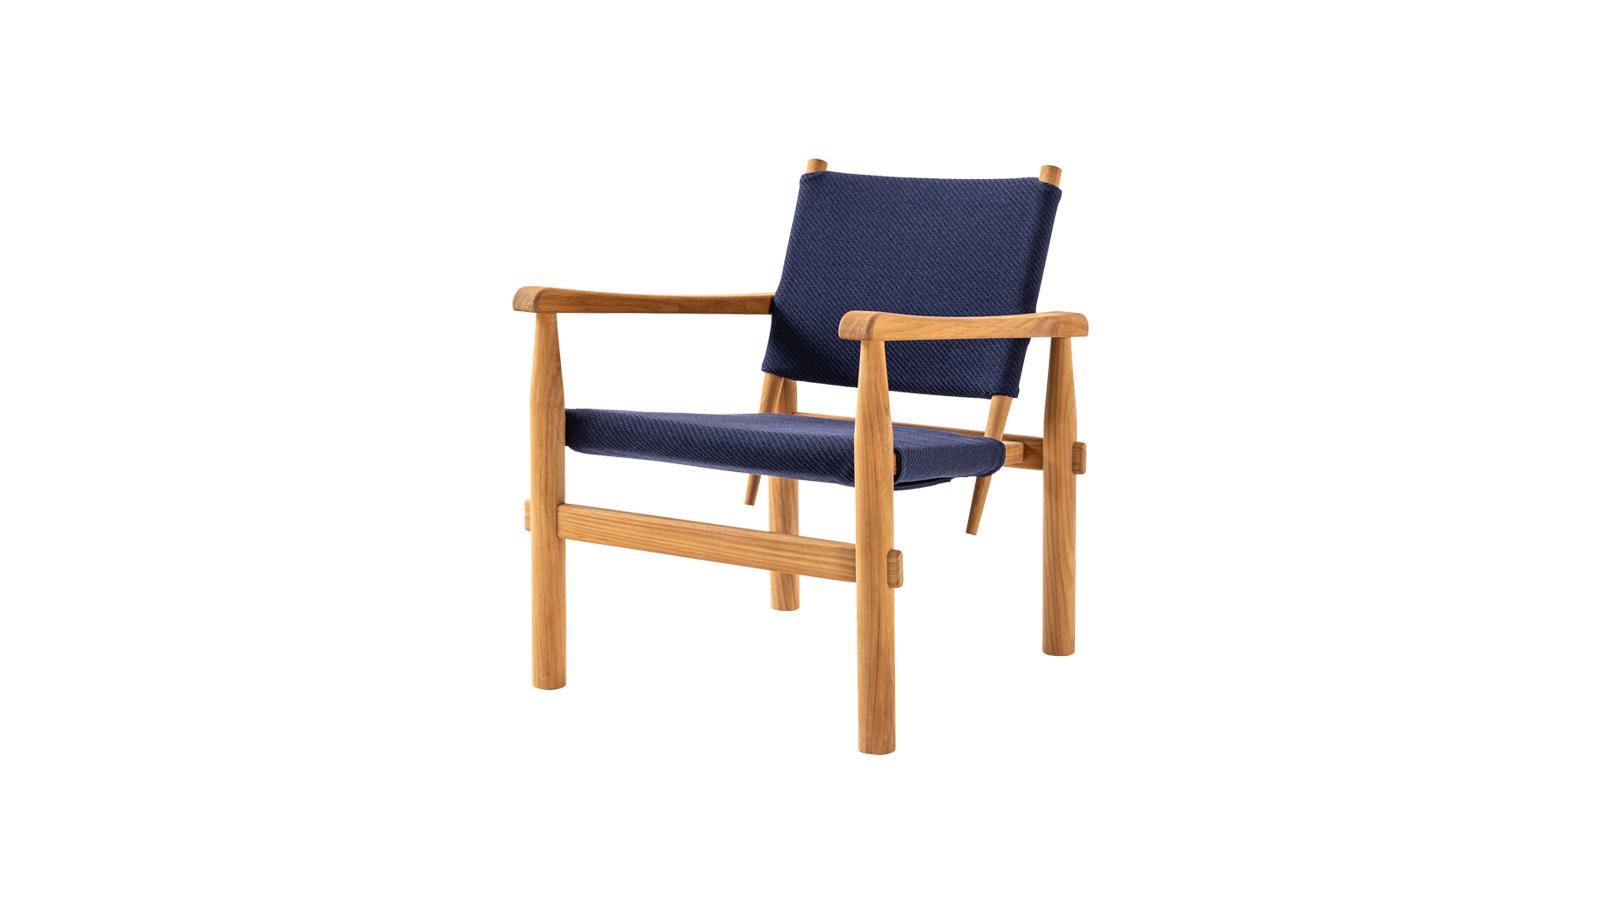 Eredetileg egy alpesi szálloda számára tervezte Charlotte Perriand 1947-ben azt a széket, mely most kültéri változatban is bekerült a Cassina I Maestri kollekciójába. A könnyed, stílusos darab a felhasznált természetes anyagoknak köszönhetően nagyon jól illik a legkülönbözőbb teraszokra és kertekbe, ráadásul számos szín- és anyagkombinációban kapható.